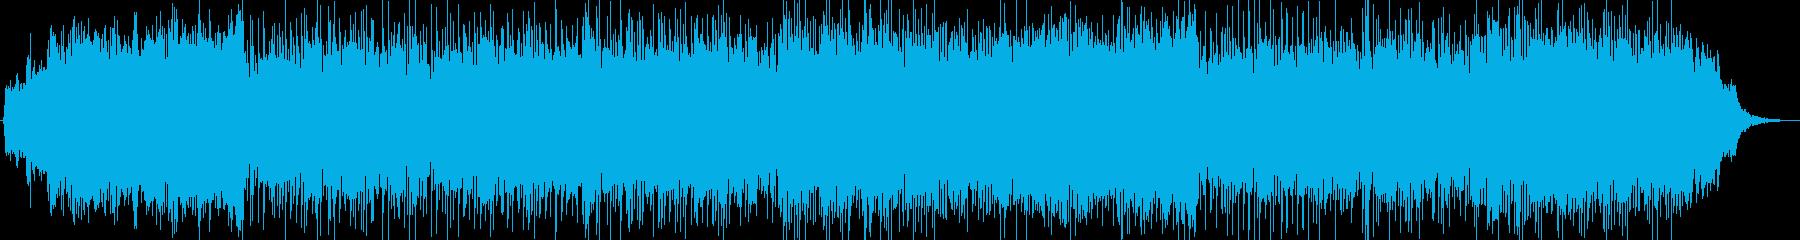 ノスタルジックなシンセポップスの再生済みの波形